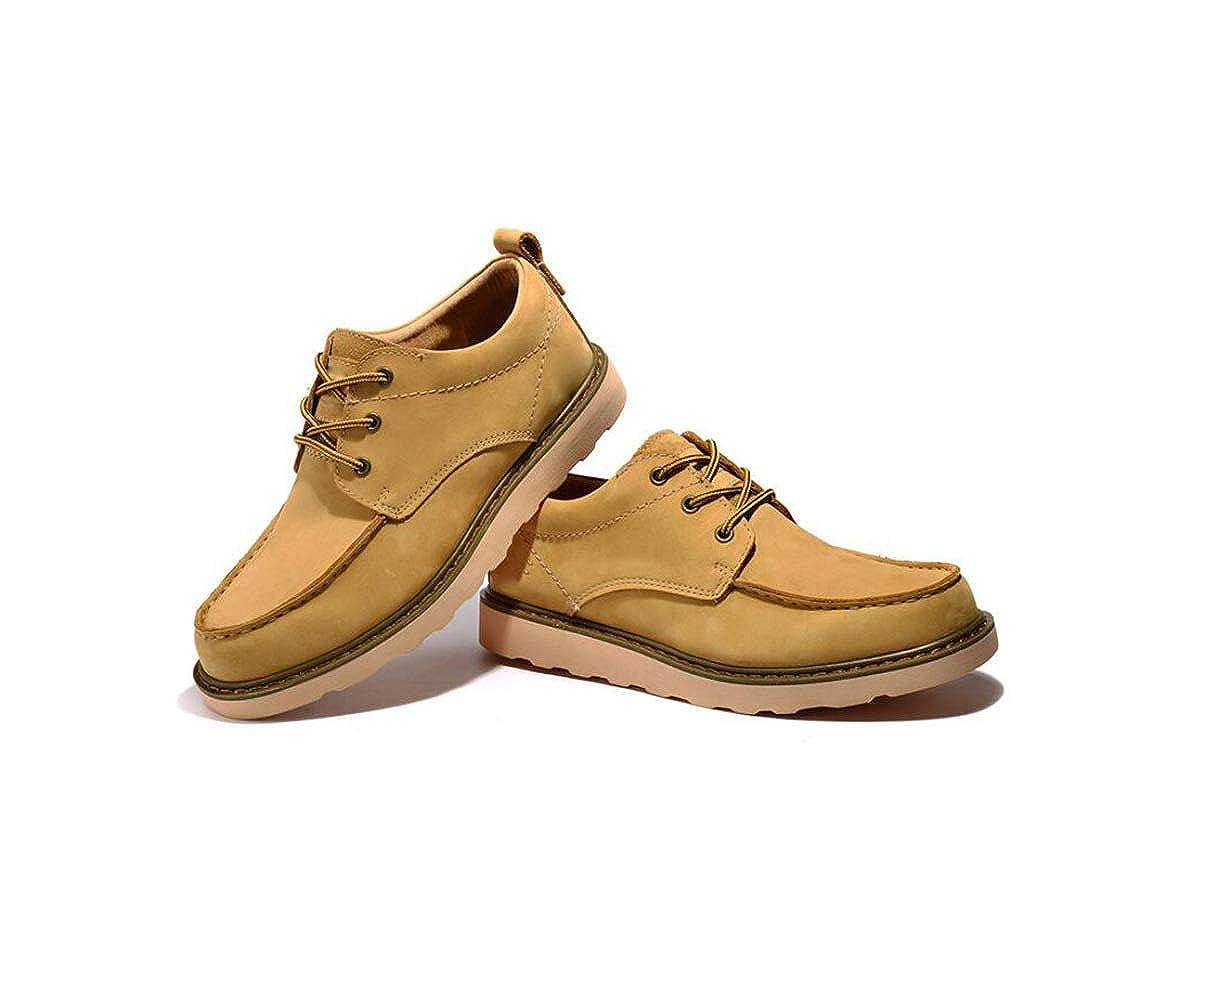 Outdoor British Stiefel Männer Desert Stiefel British Outdoor Tooling Militärstiefel Yellow 09db6e